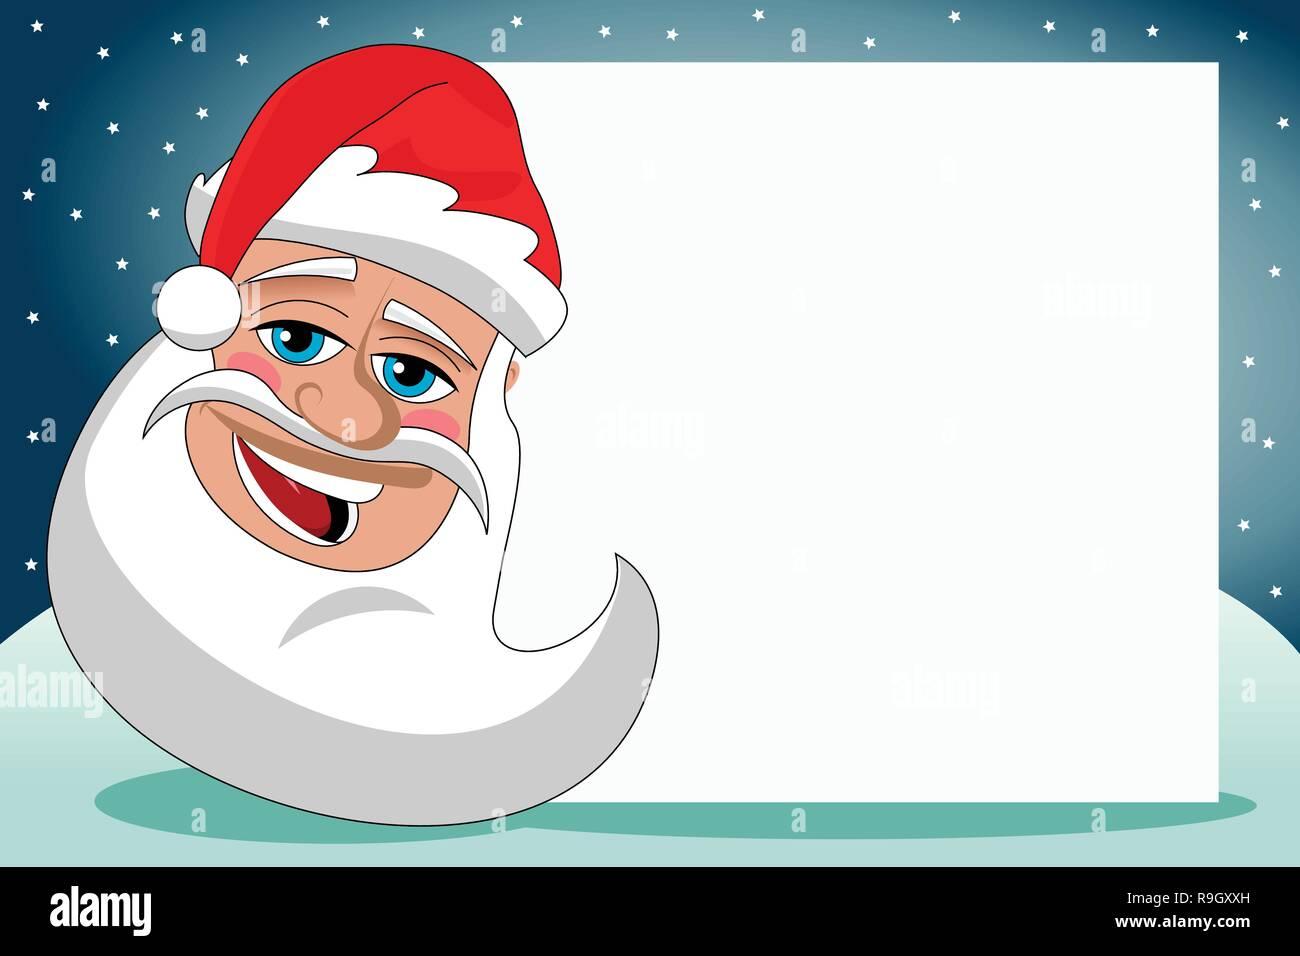 Santa Claus eine leere Karte Weihnachten oder Weihnachten Hintergrund Stockbild